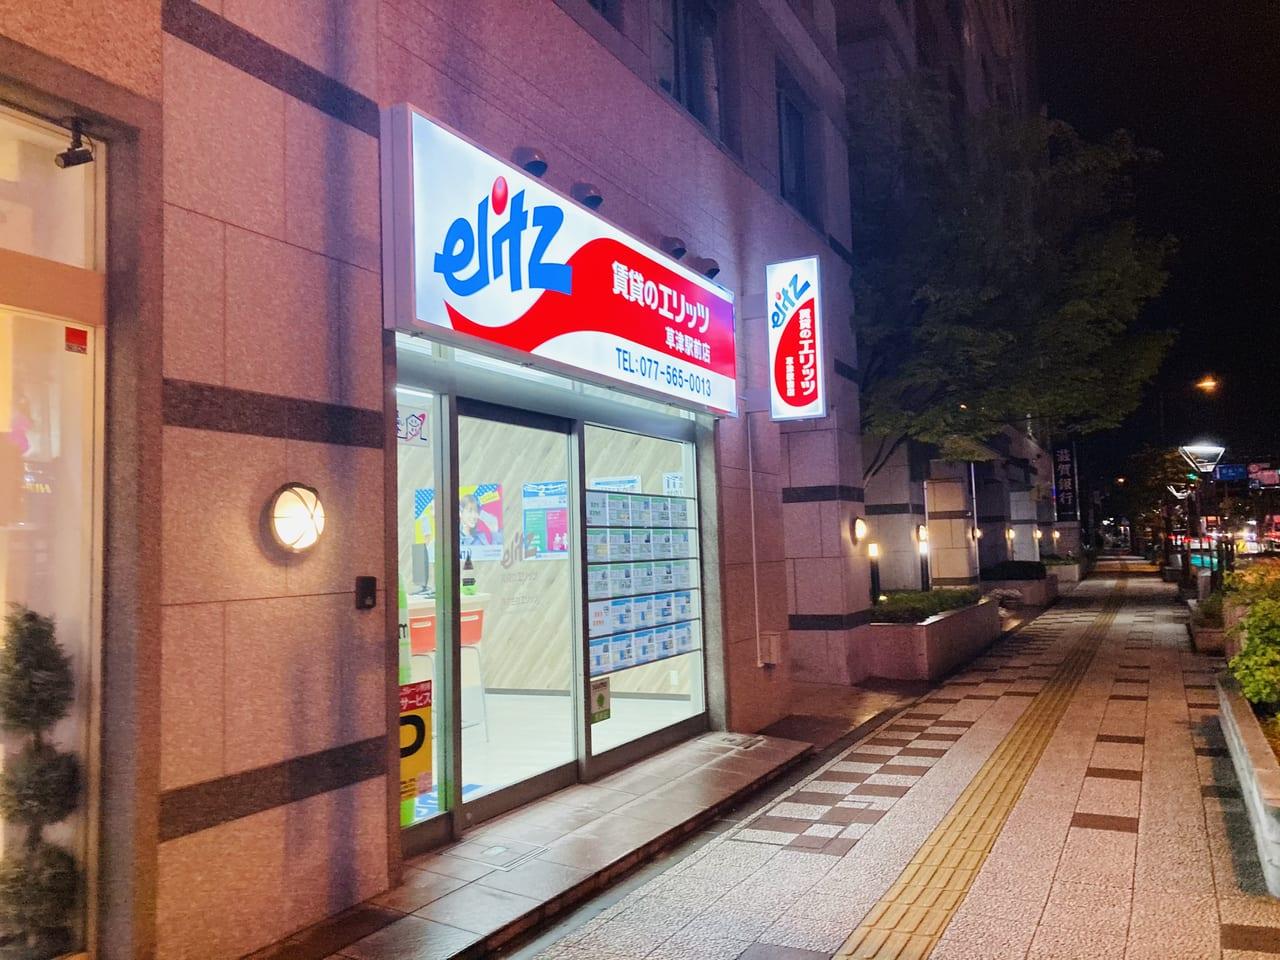 elitz 4.30 2